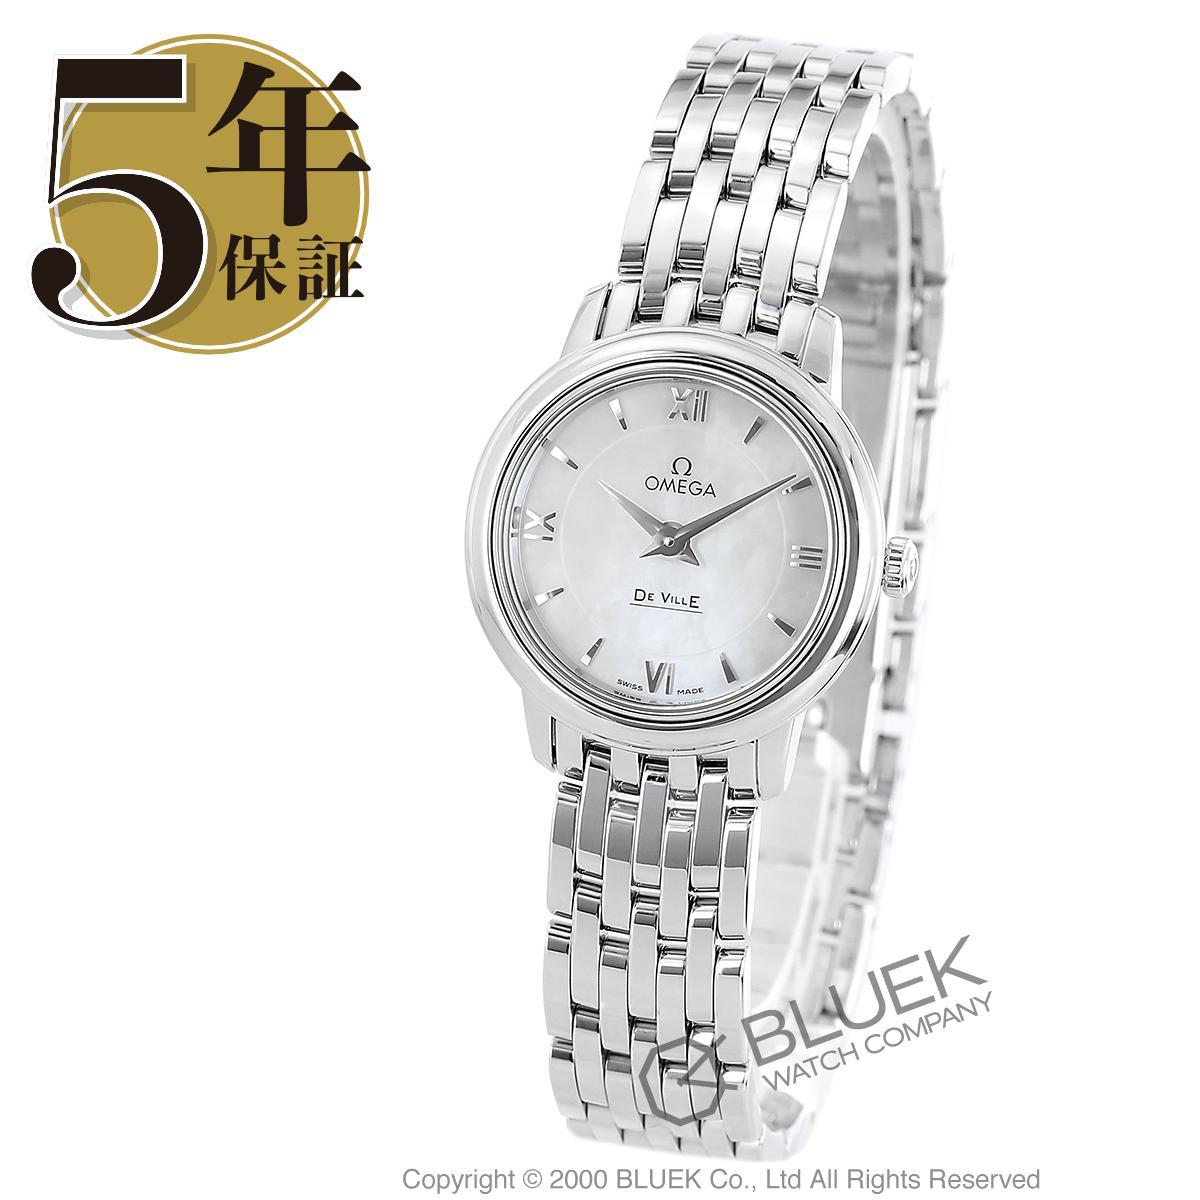 オメガ デビル プレステージ 腕時計 レディース OMEGA 424.10.24.60.05.001_5